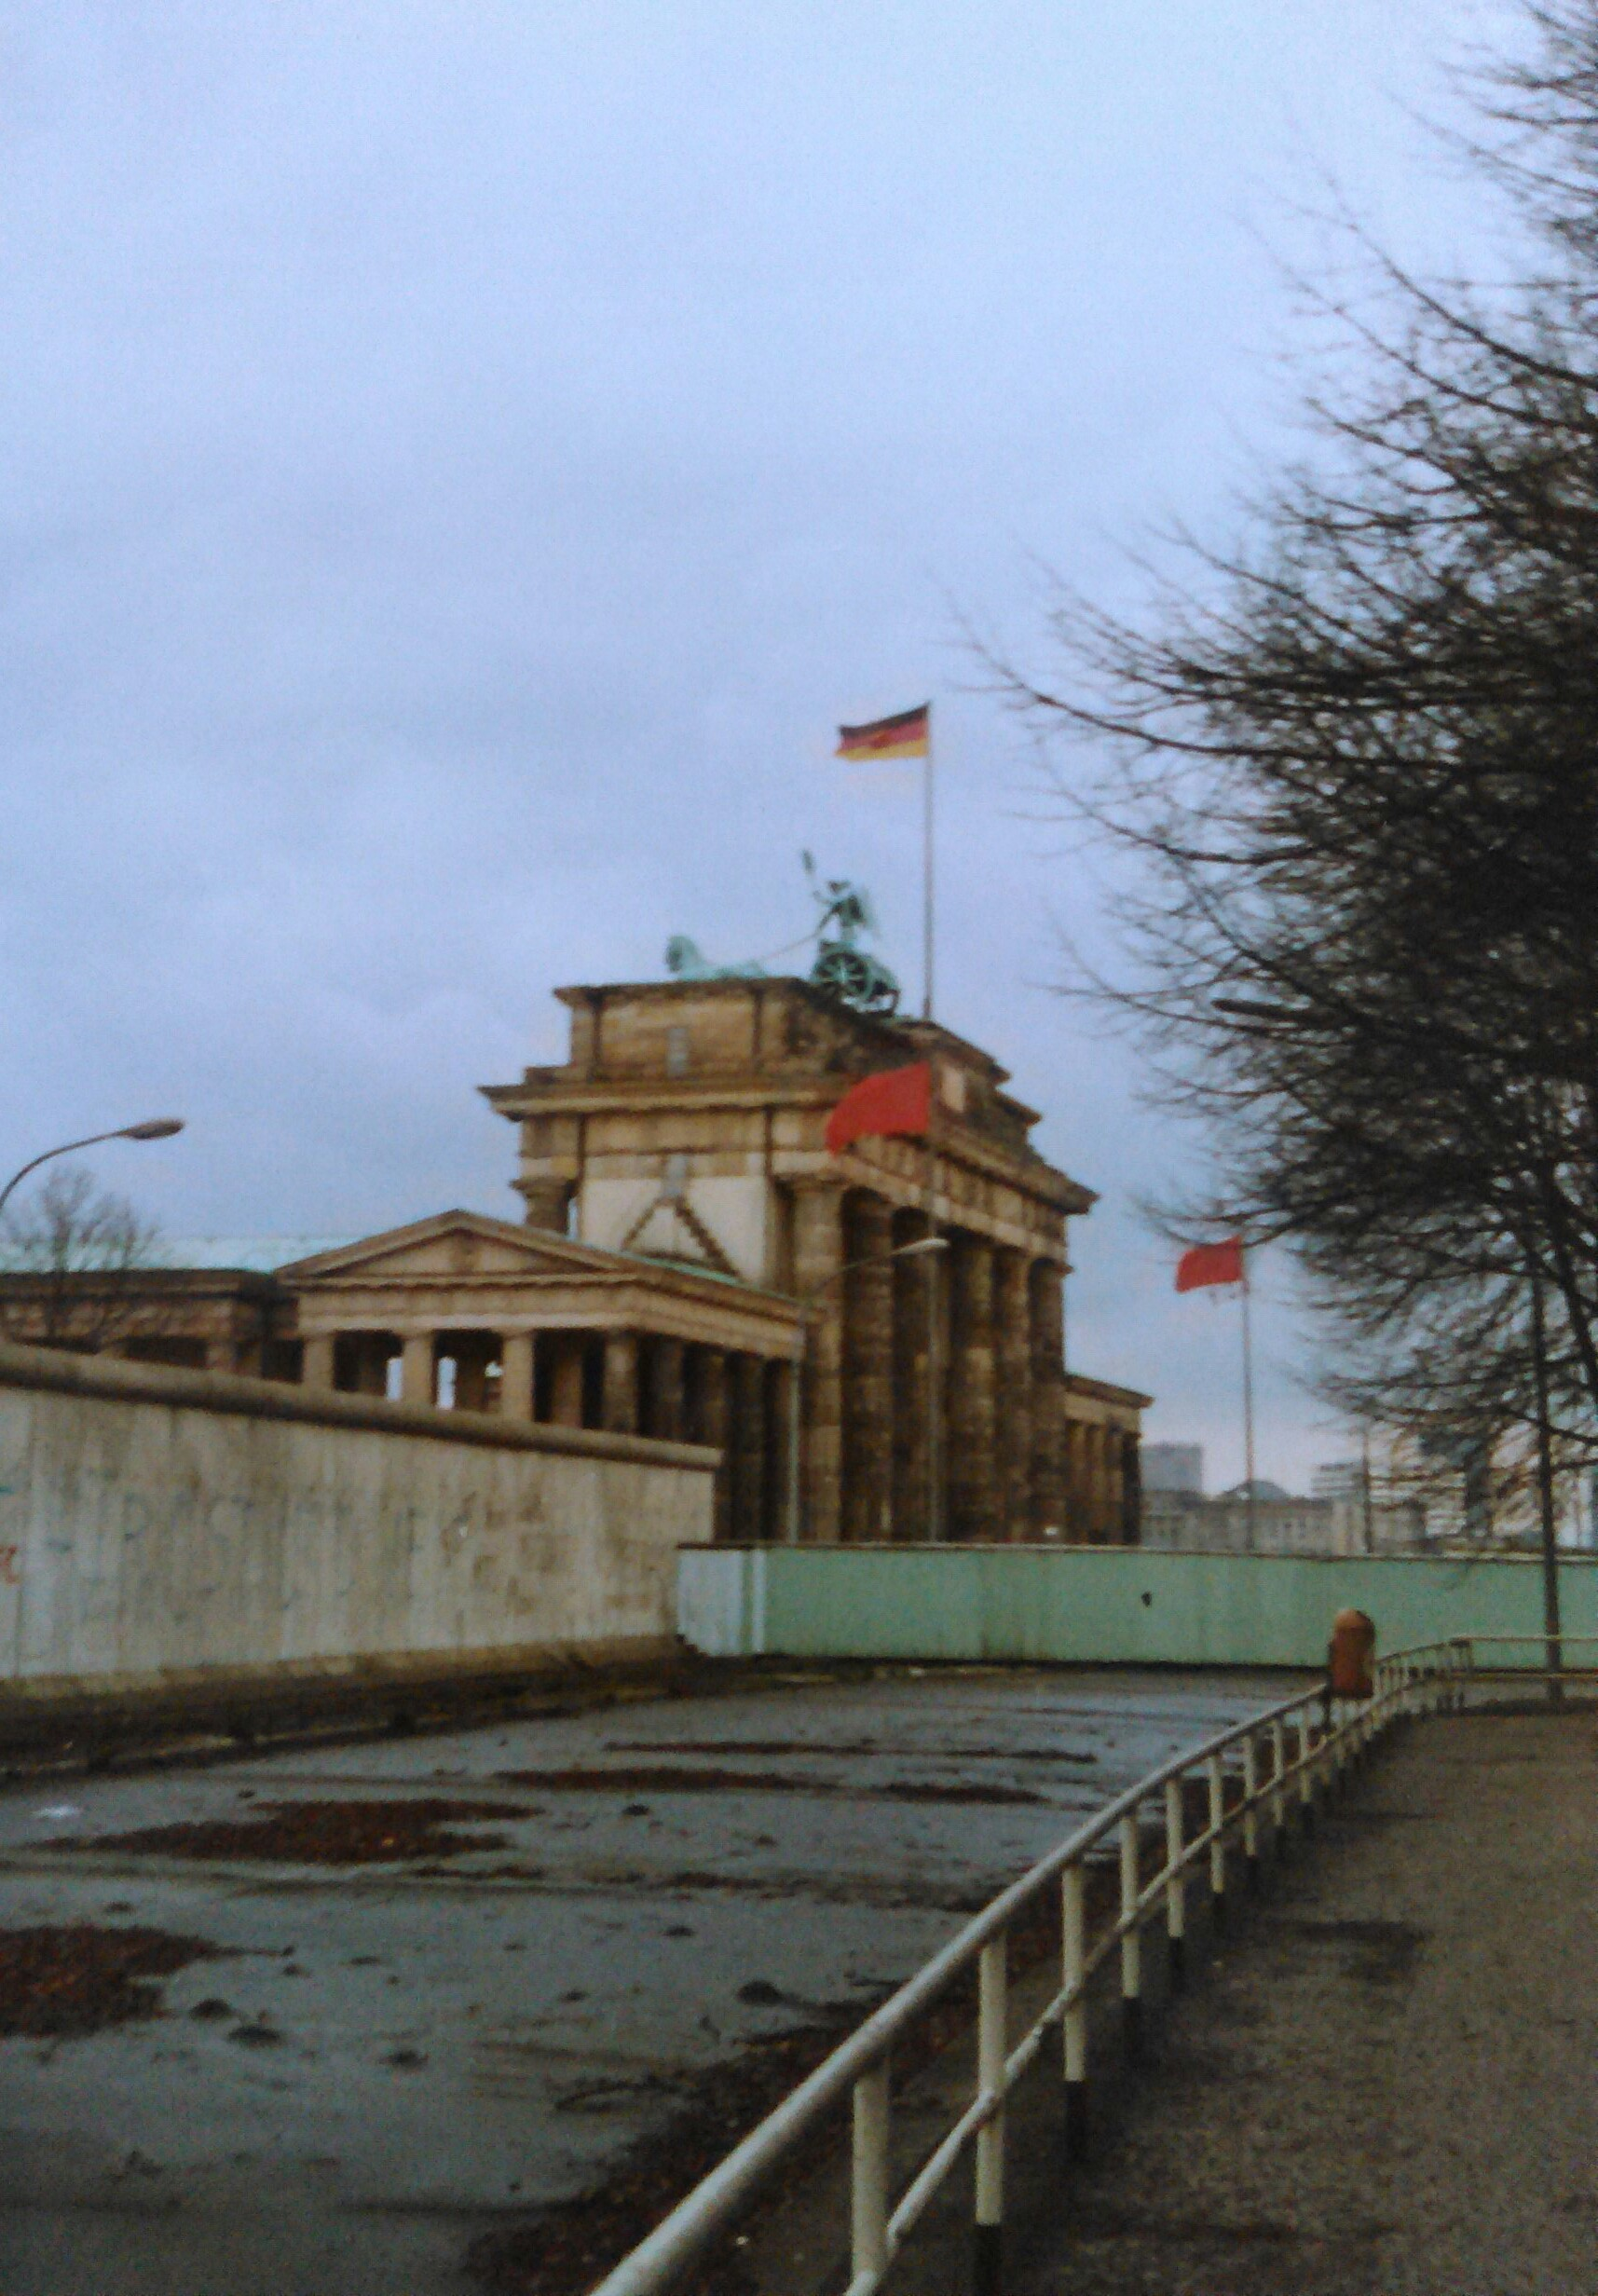 Quasi una fantasia tedesca